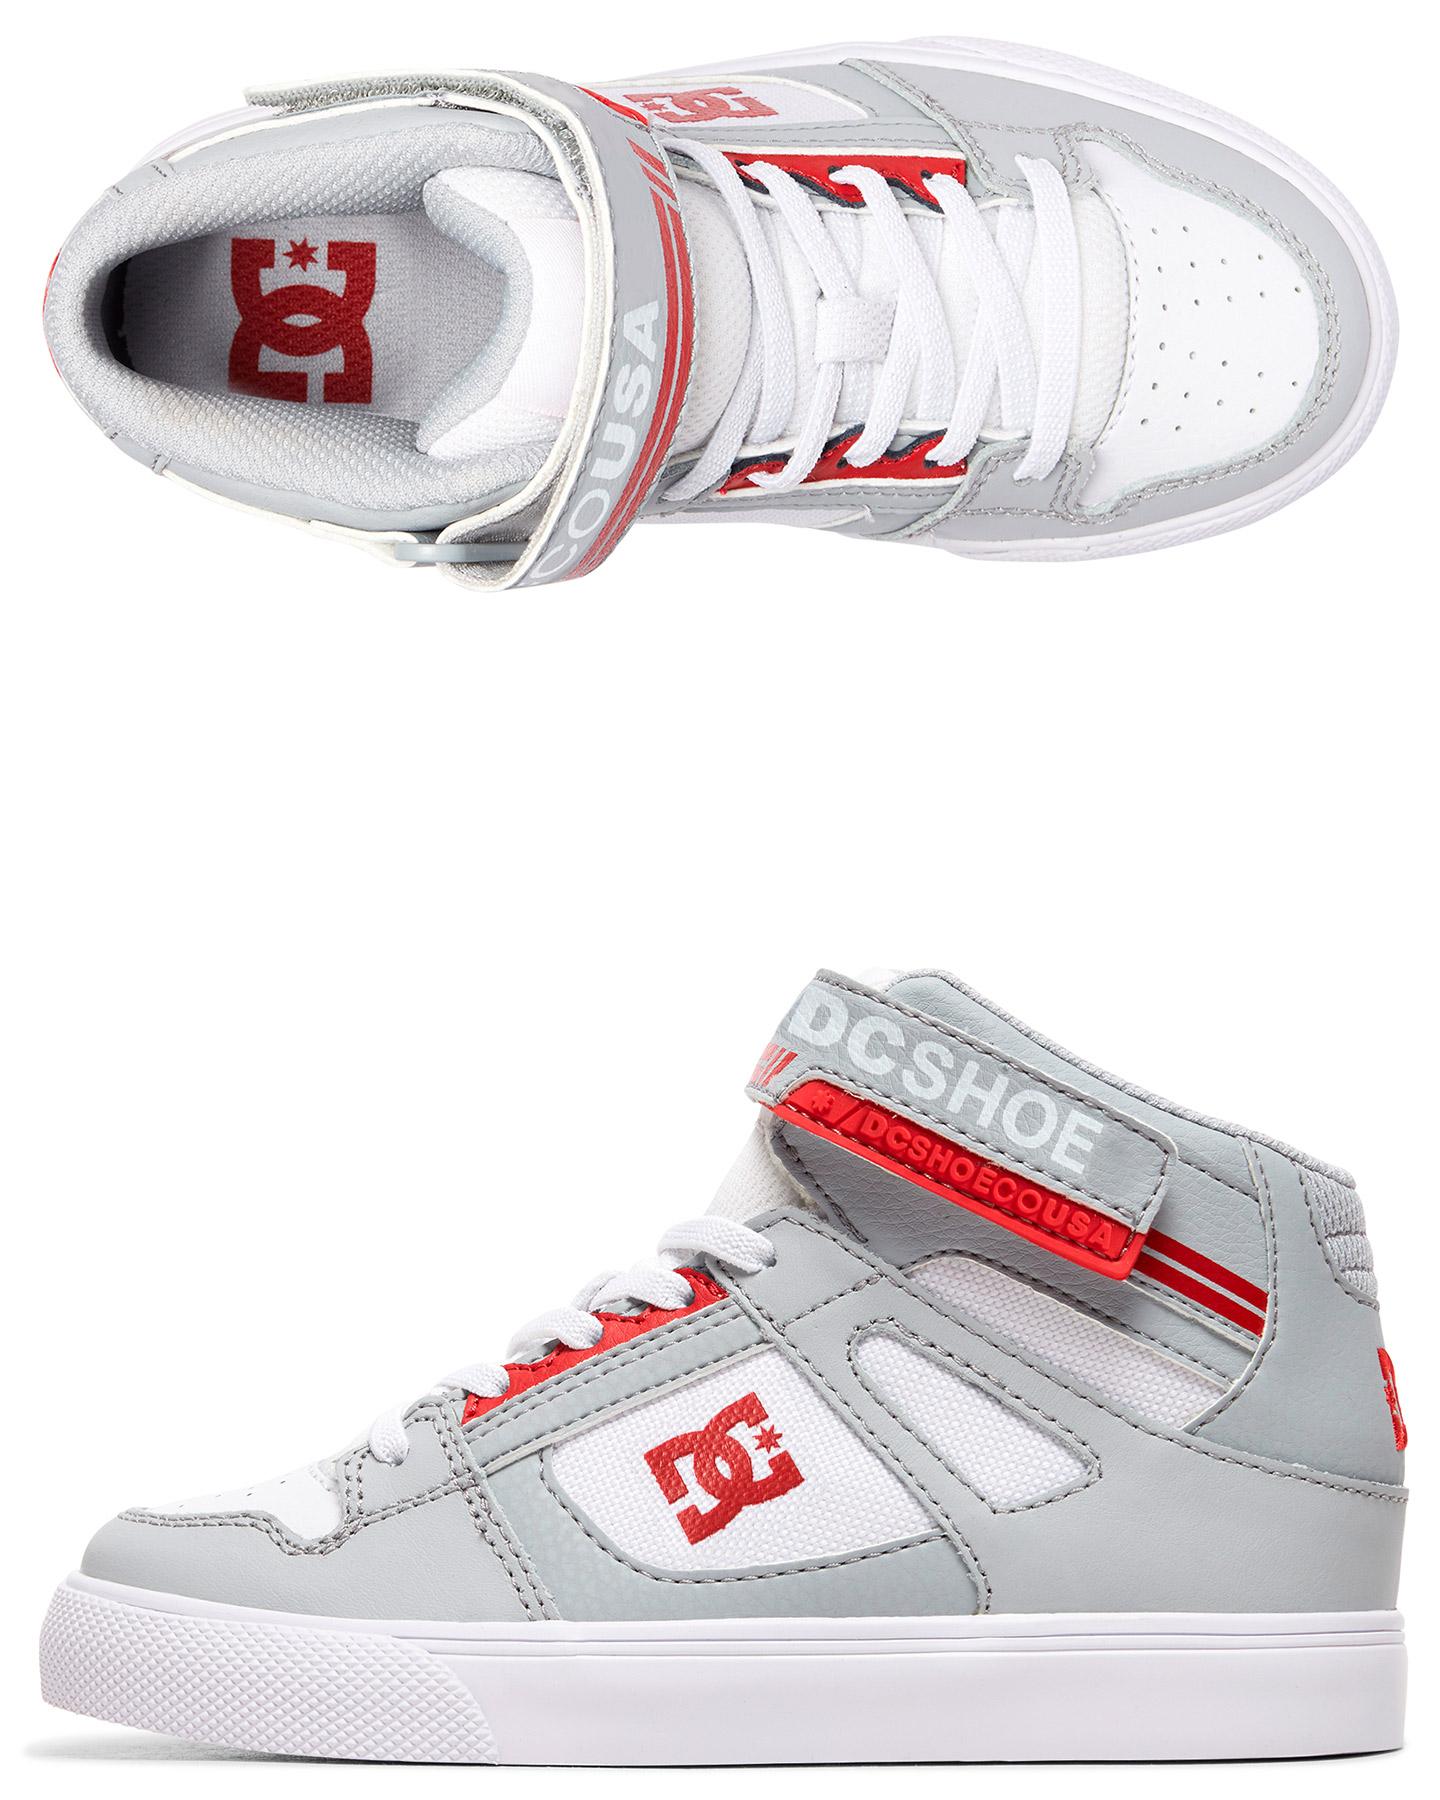 Footwear Kids | Sportsco